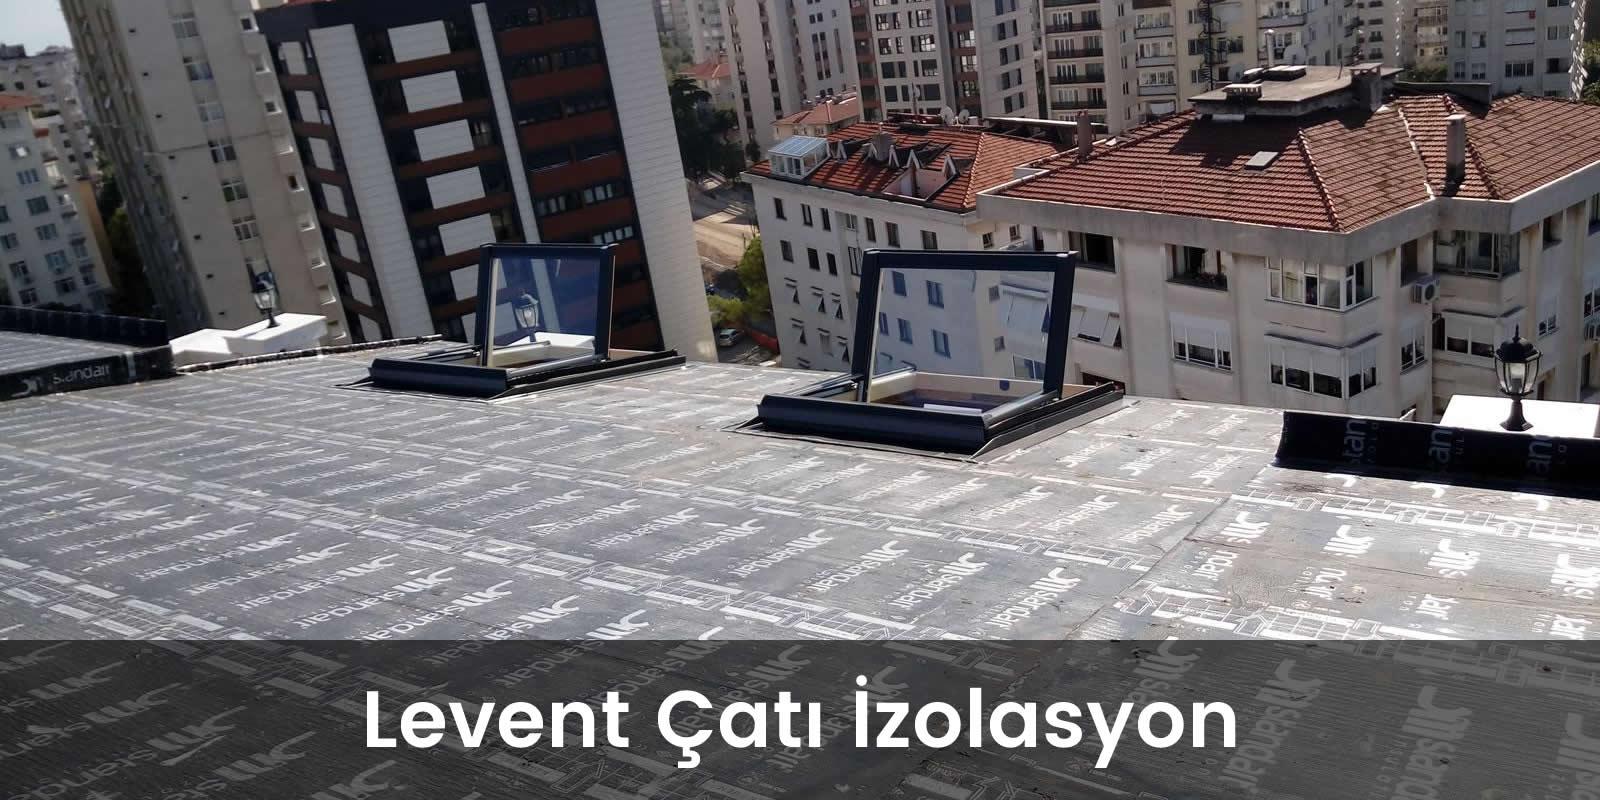 Levent çatı izolasyon